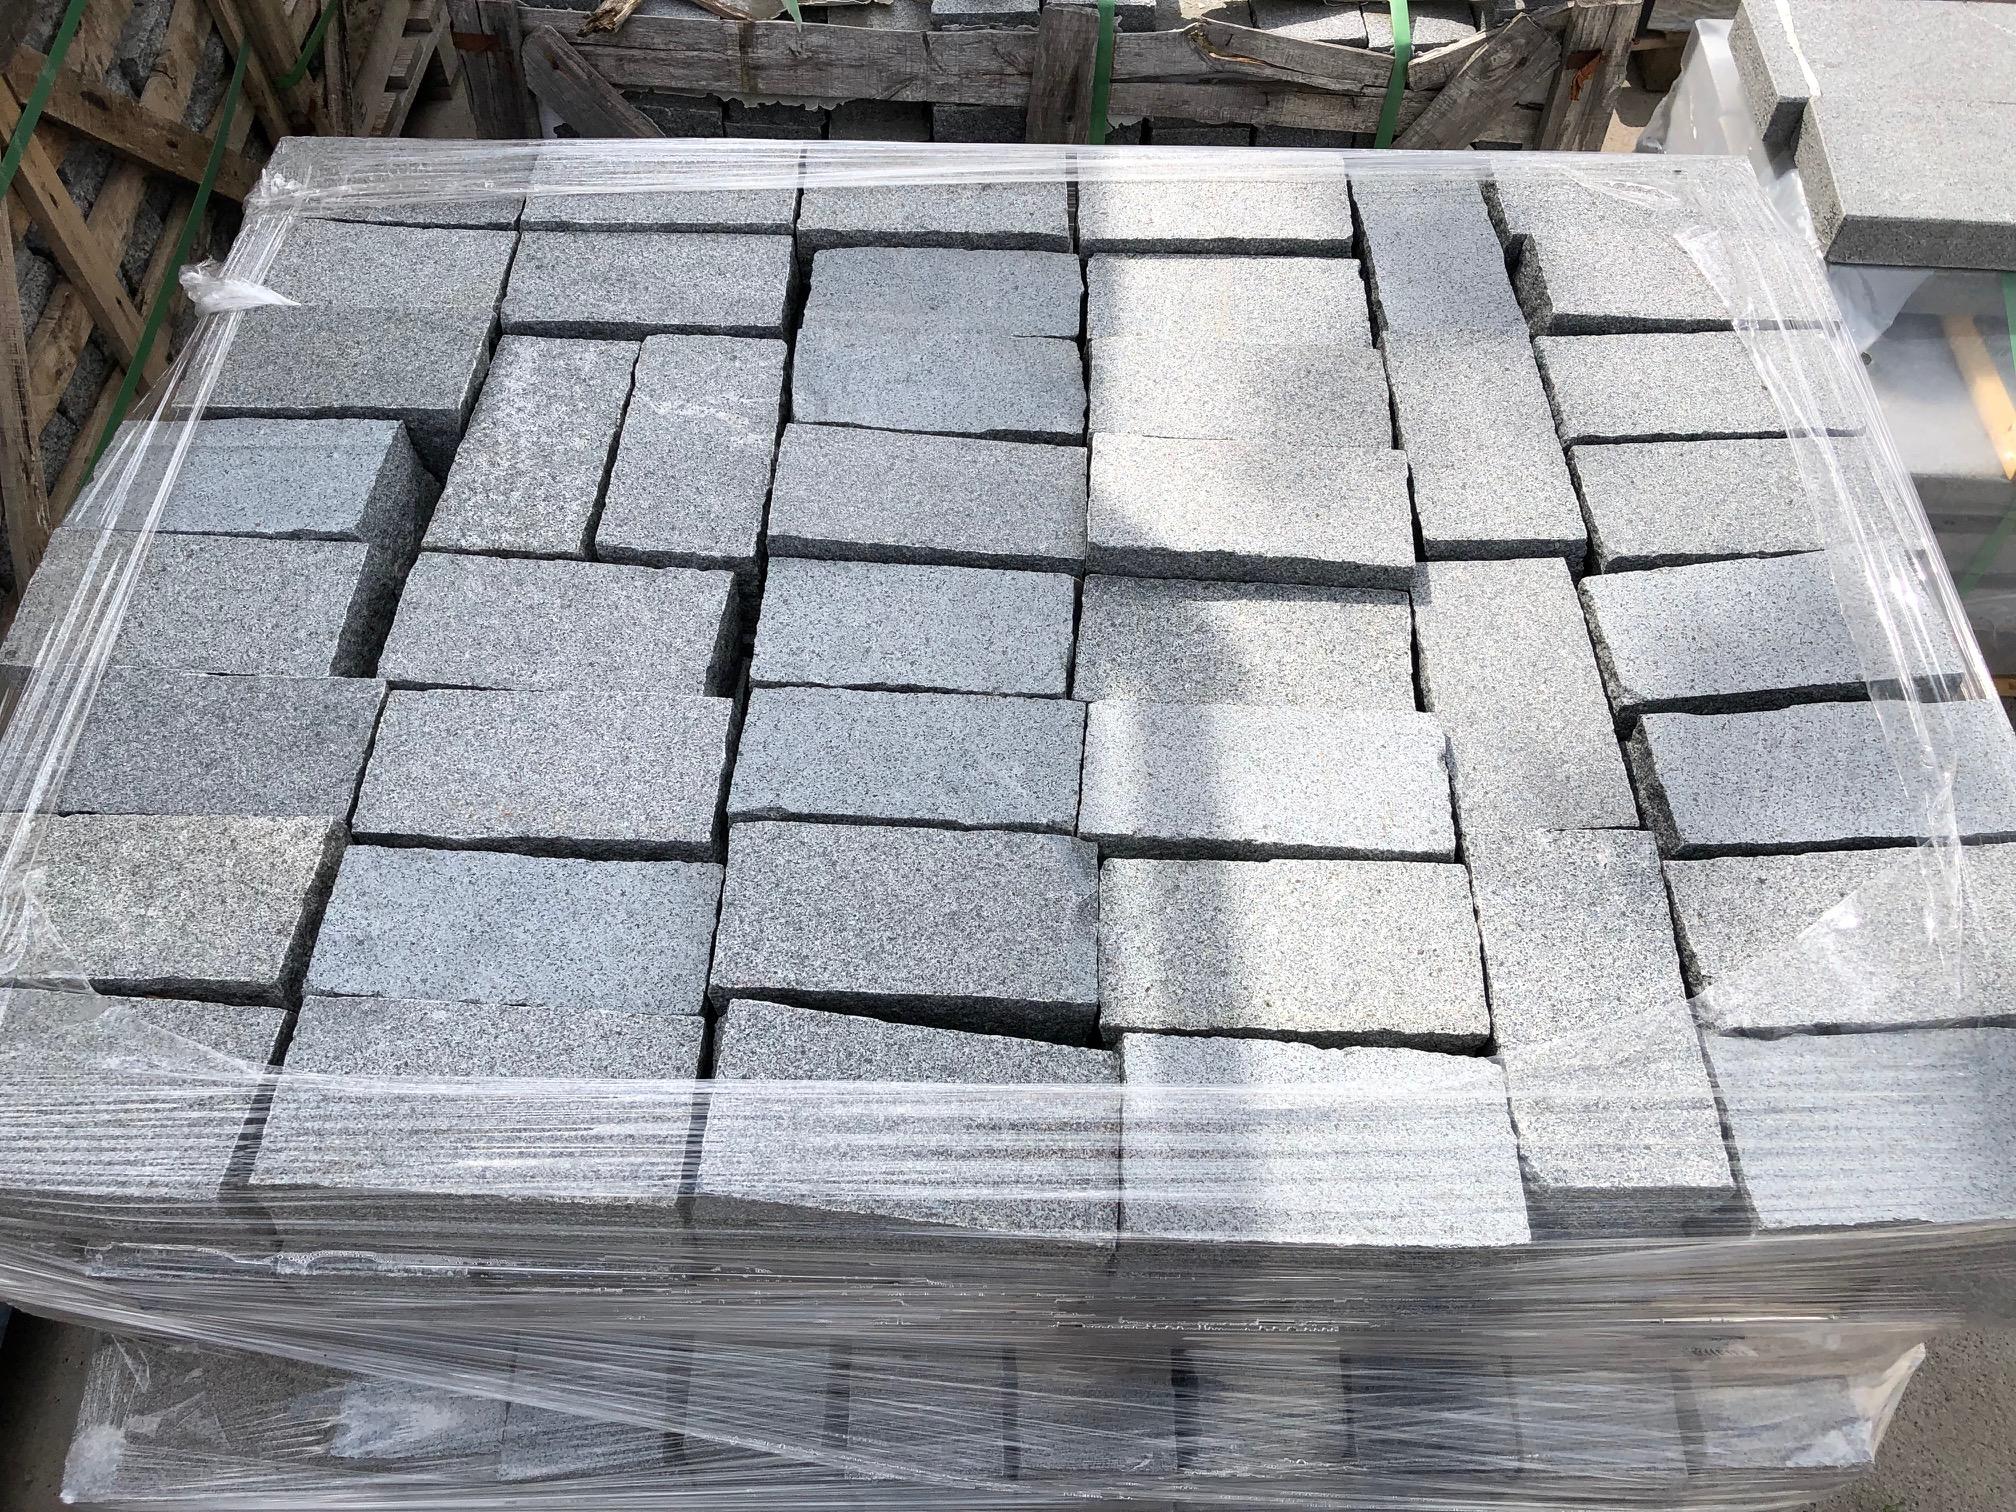 granit-edelkleinsteinpflaster-20x10x8-dunkelgrau